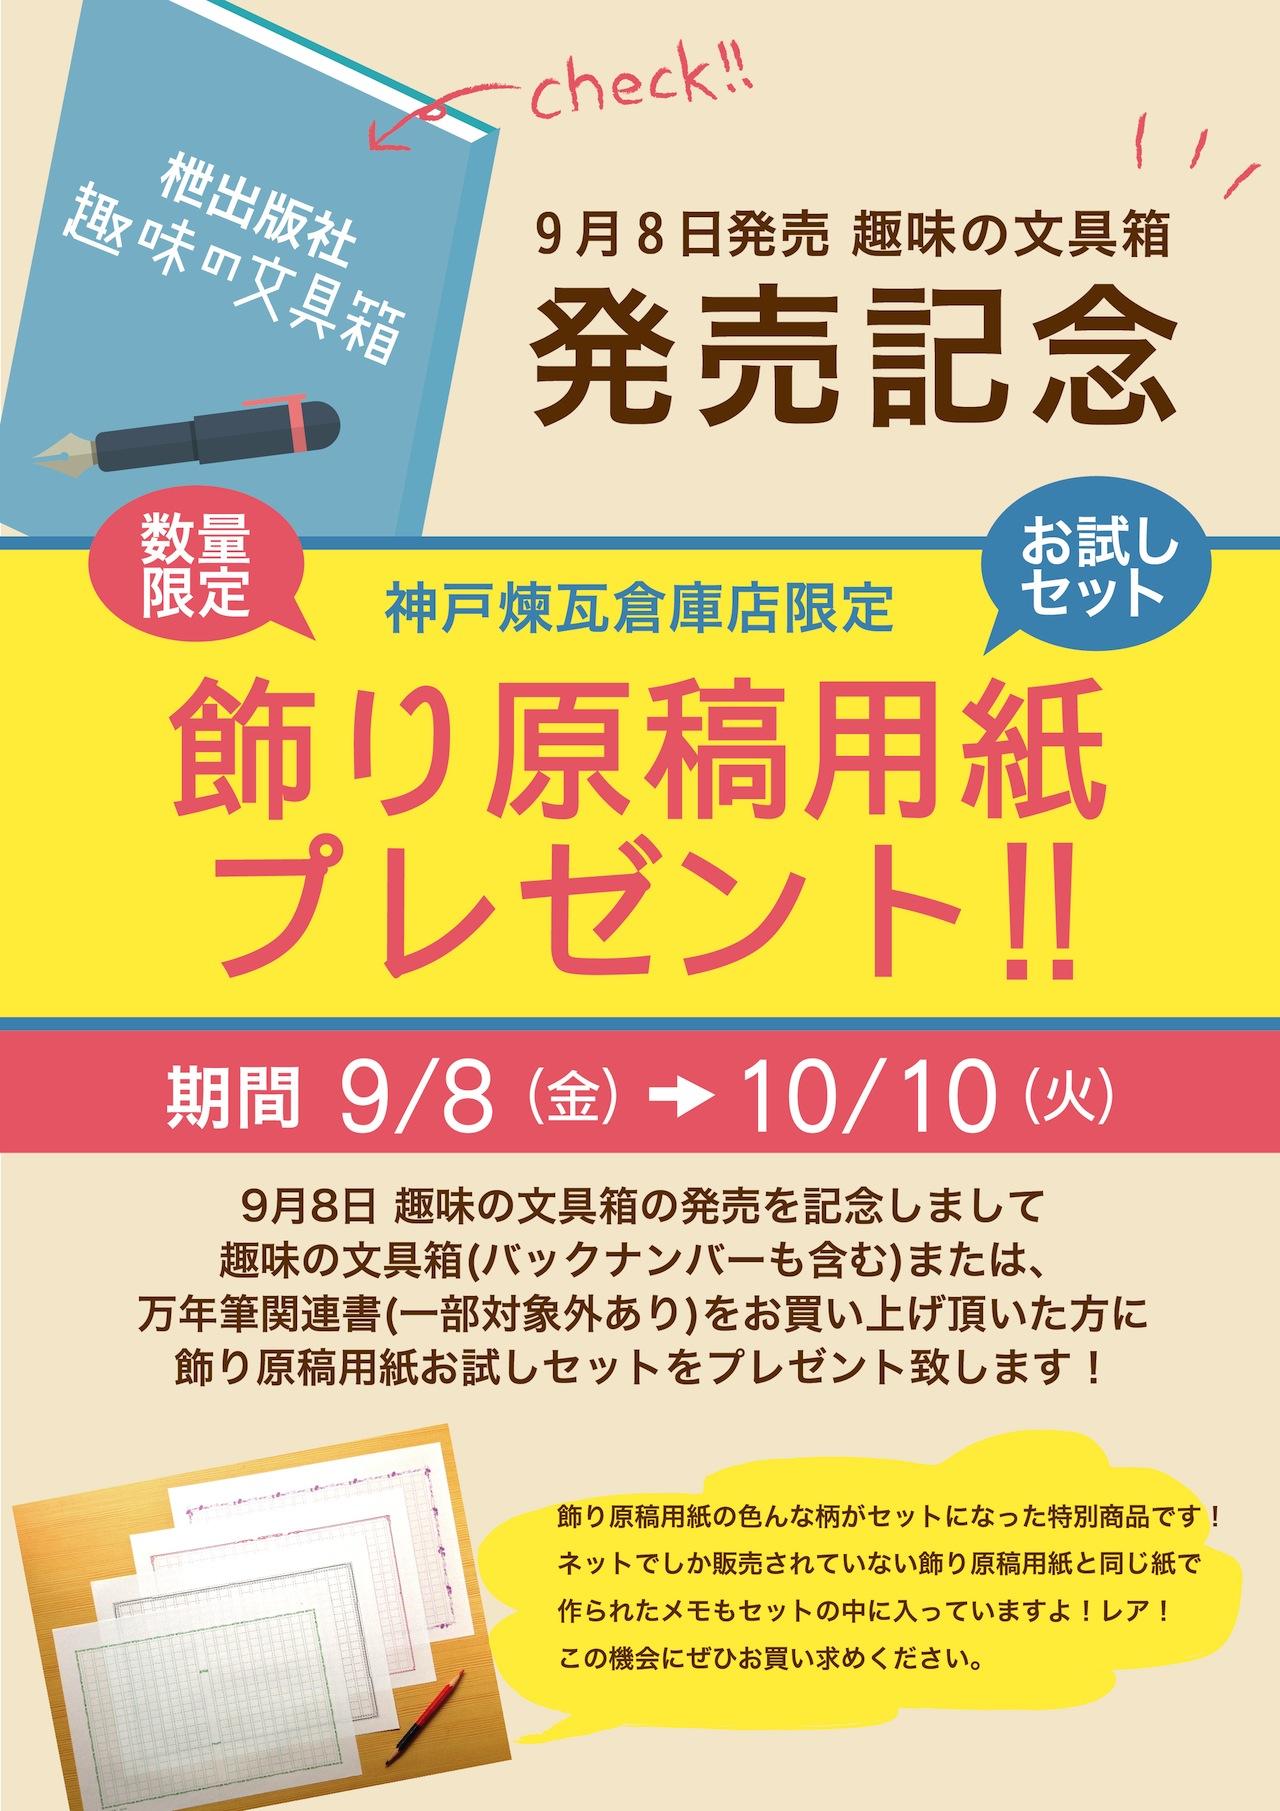 趣味の文具箱発売記念プレゼントキャンペーン